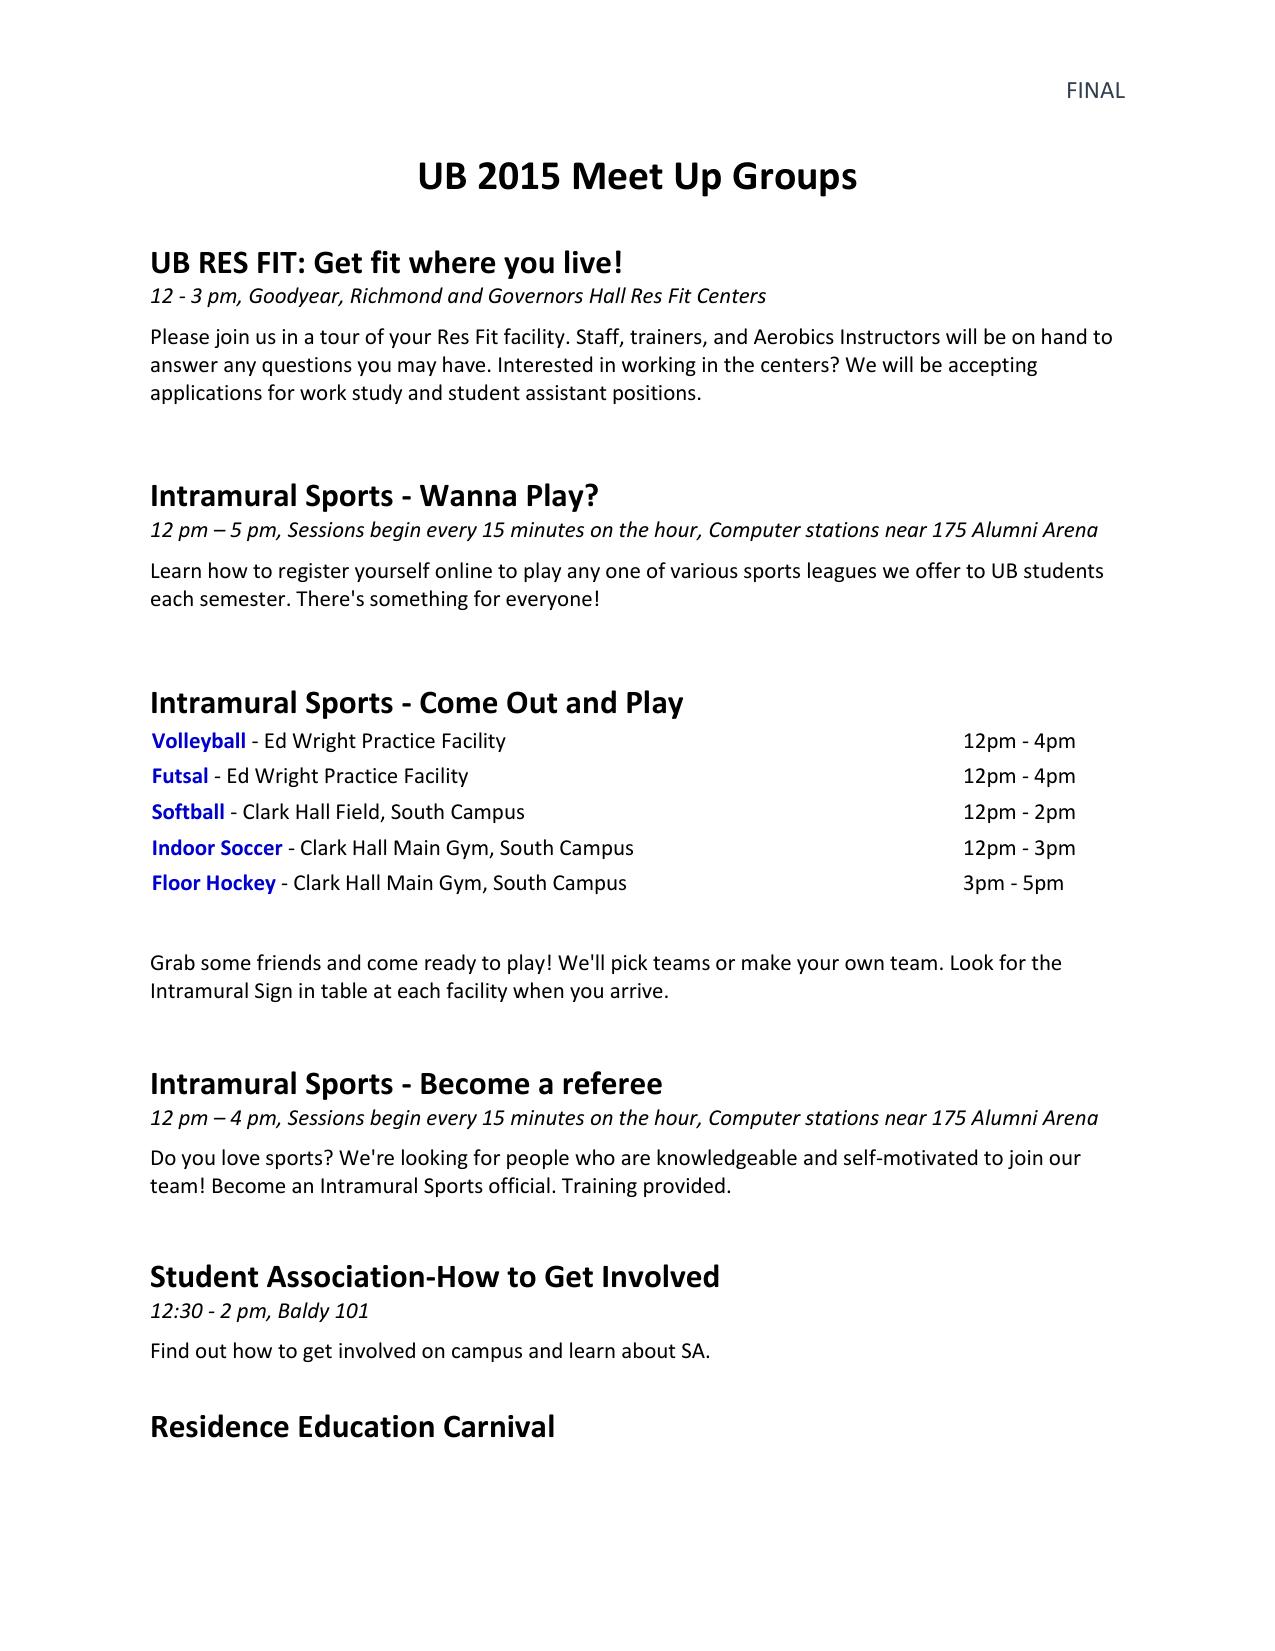 UB 2015 Meet Up Groups List (WORD)